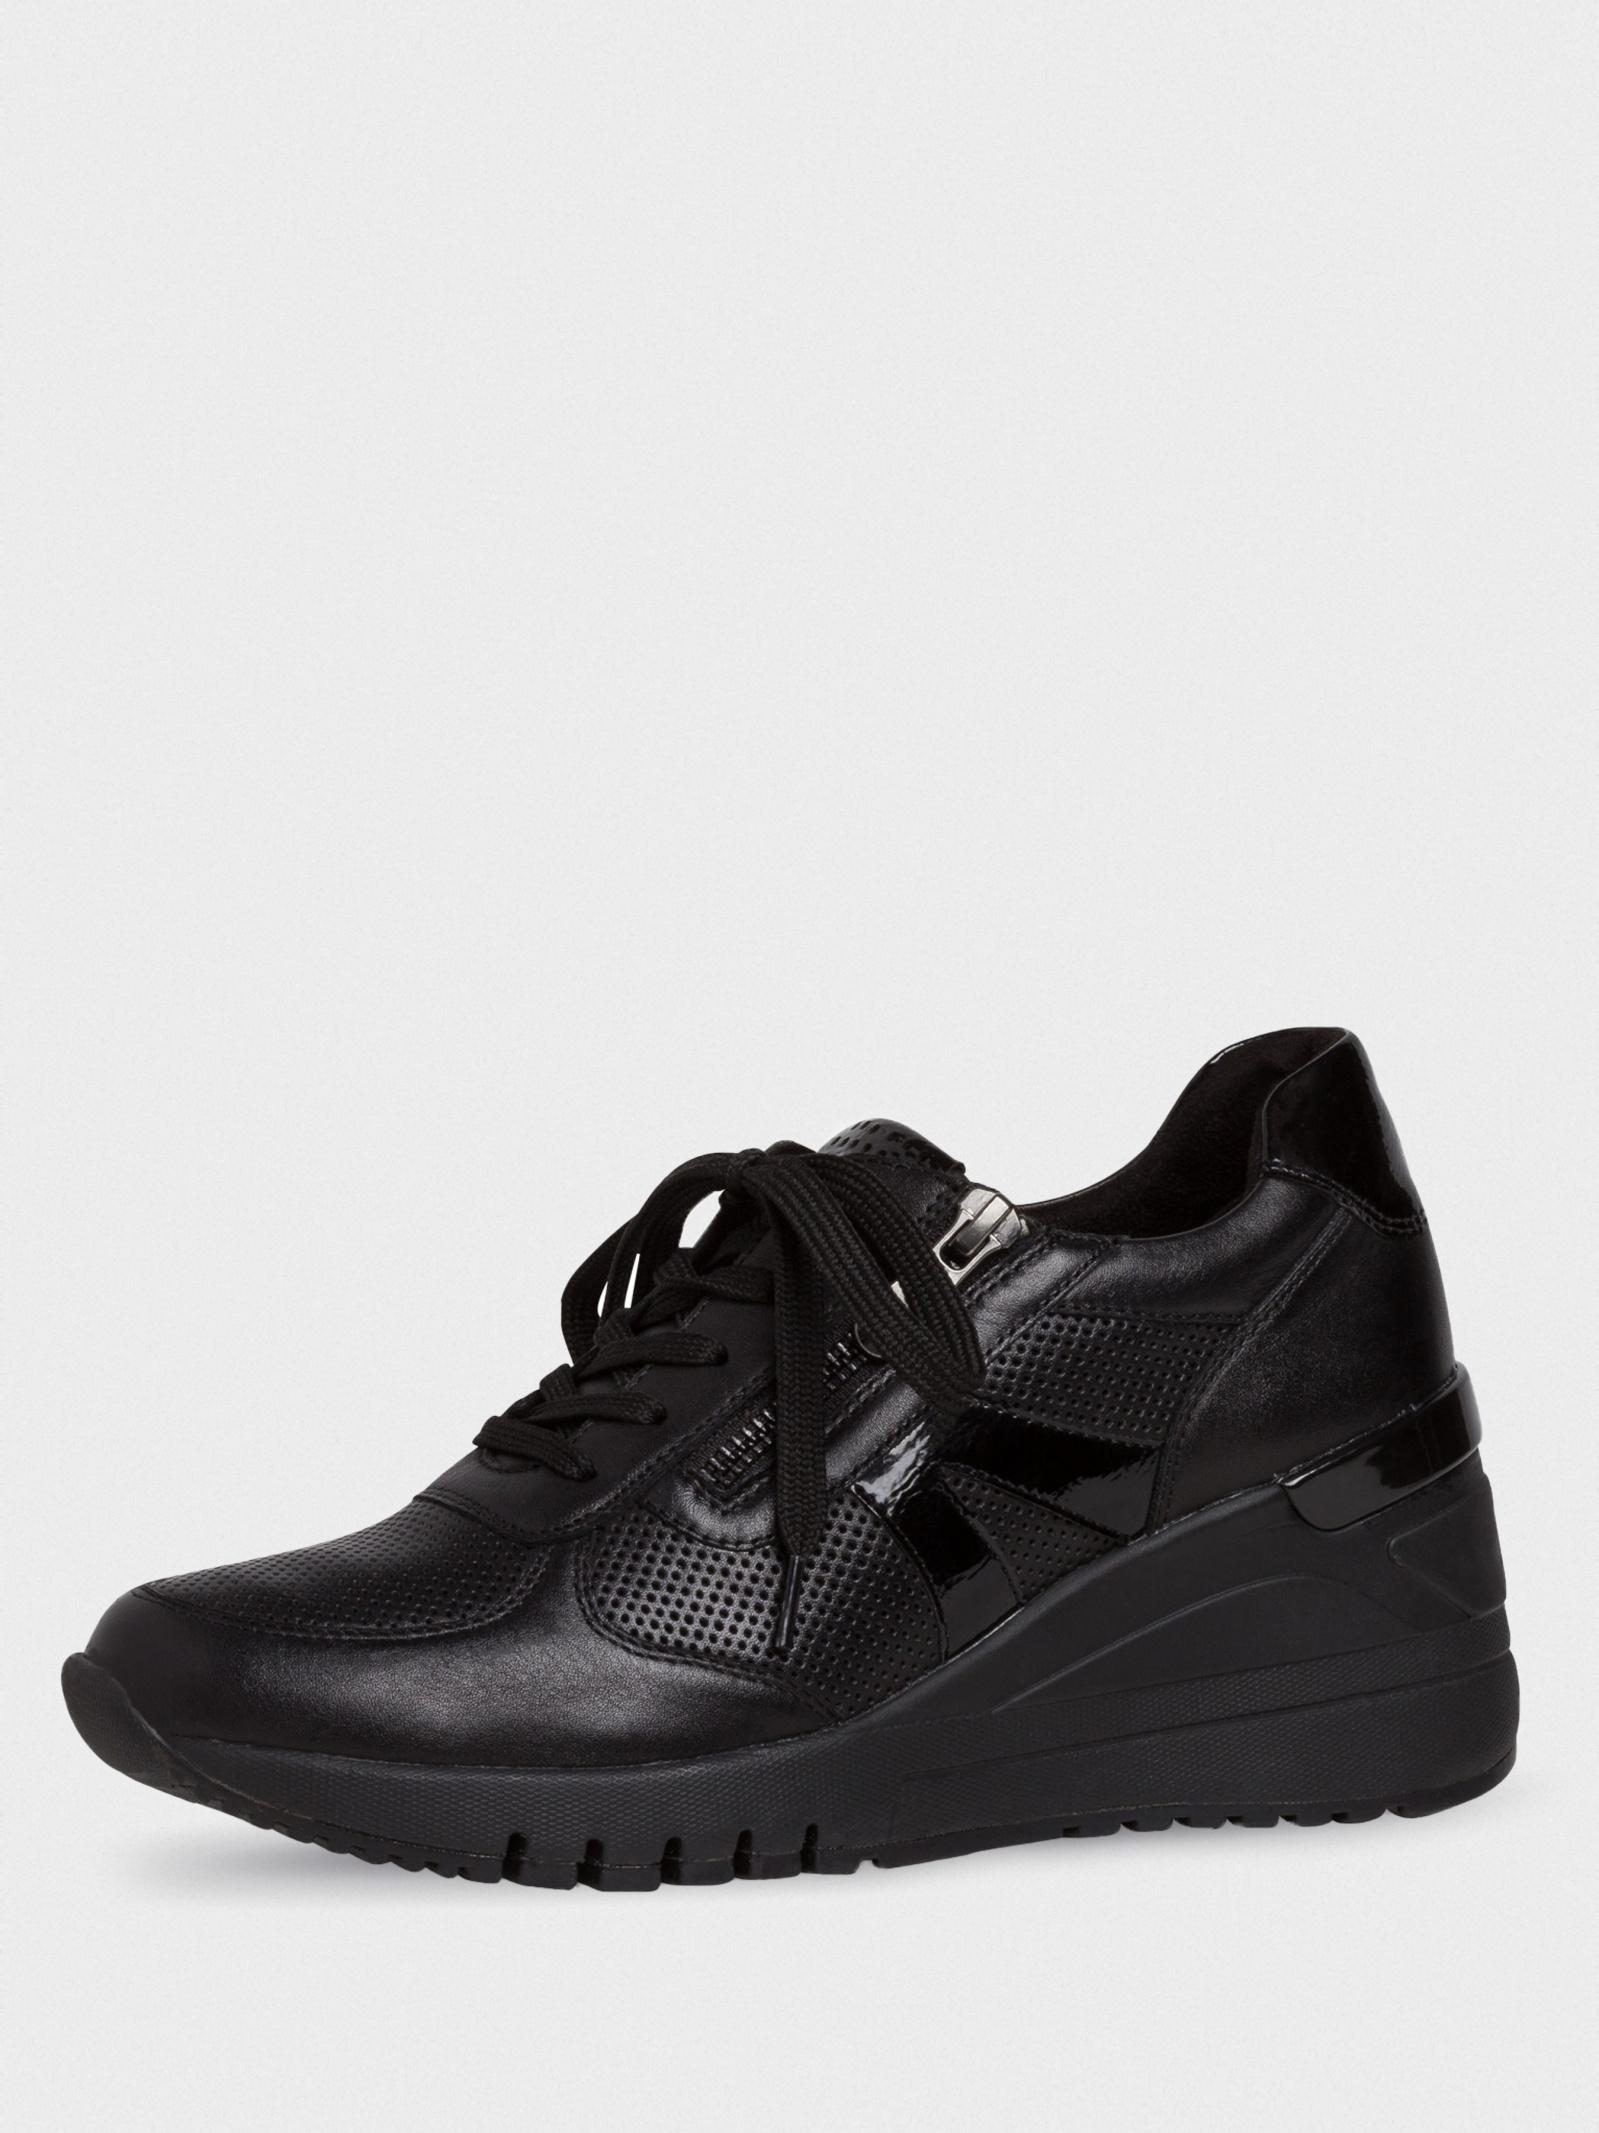 Кросівки  жіночі Marco Tozzi 2-2-23501-25 098  BLACK COMB ціна, 2017